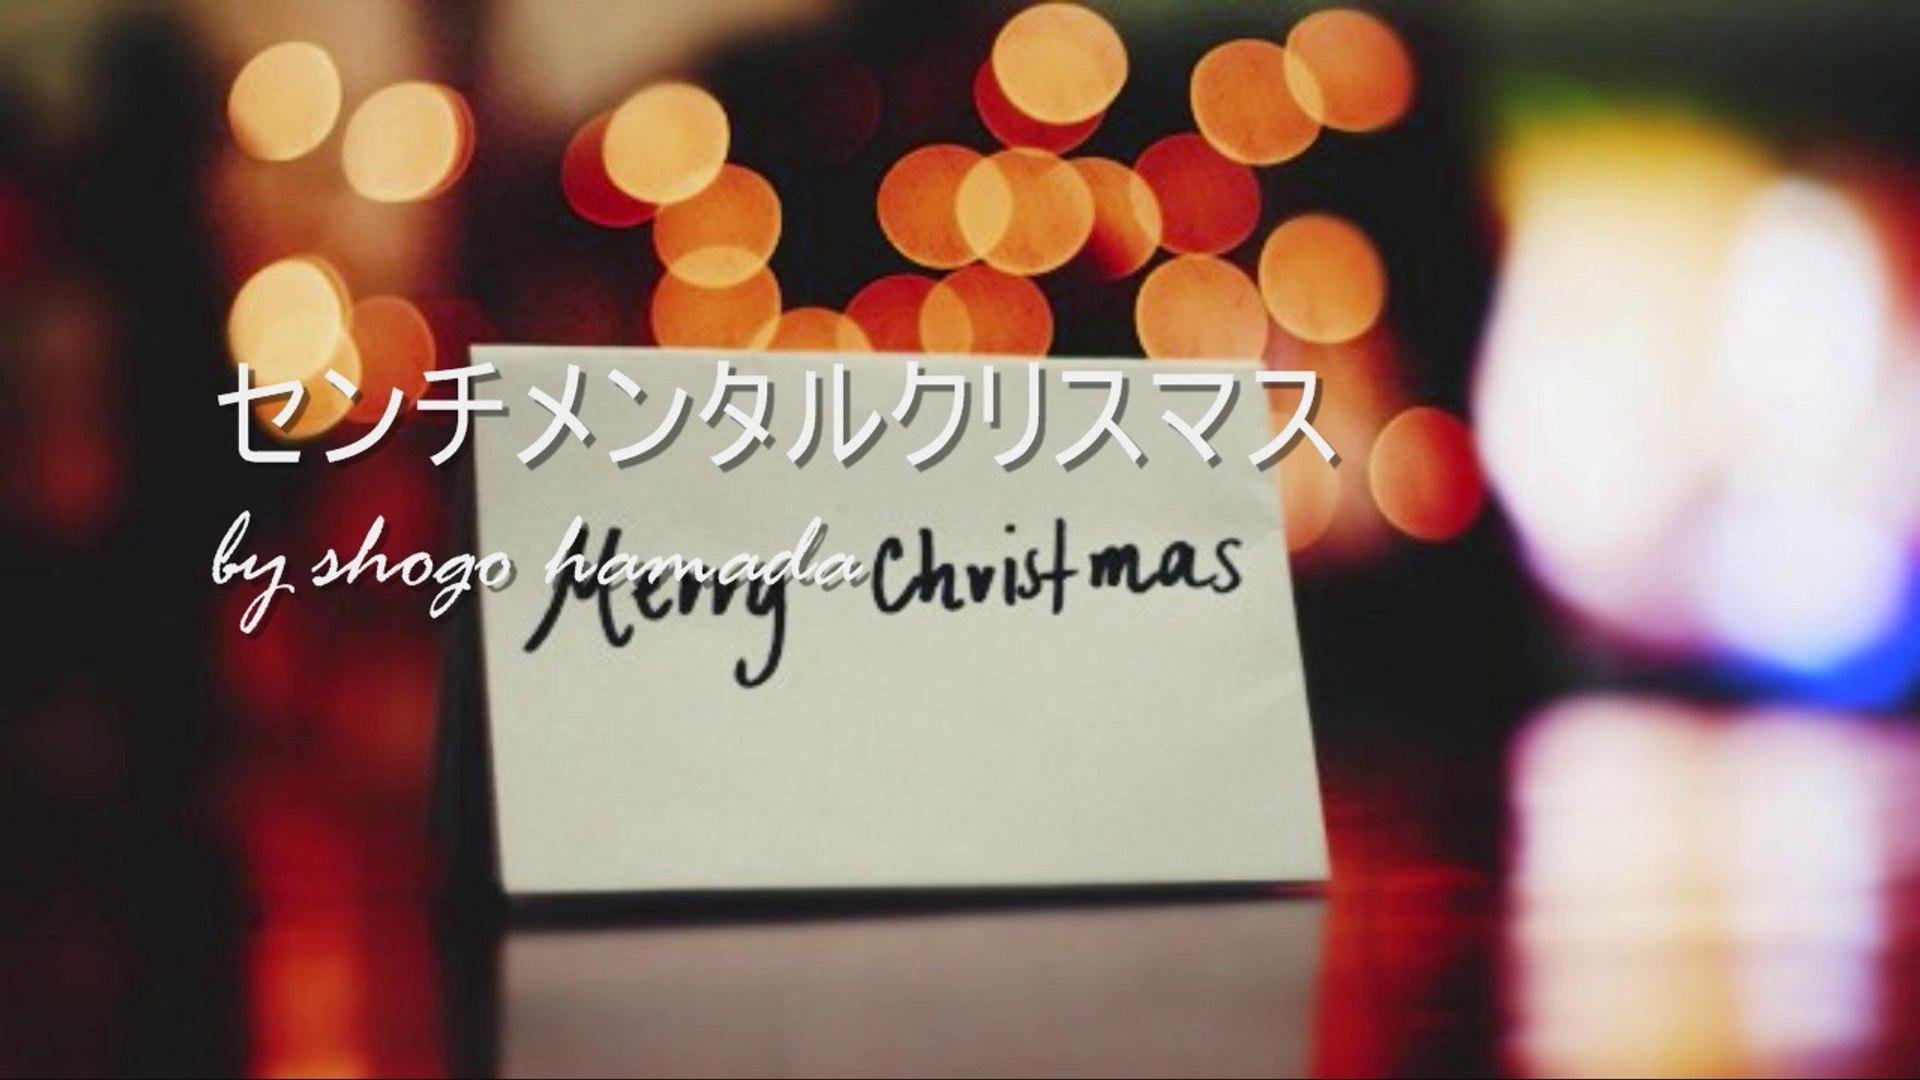 浜田 省吾 クリスマス ソング